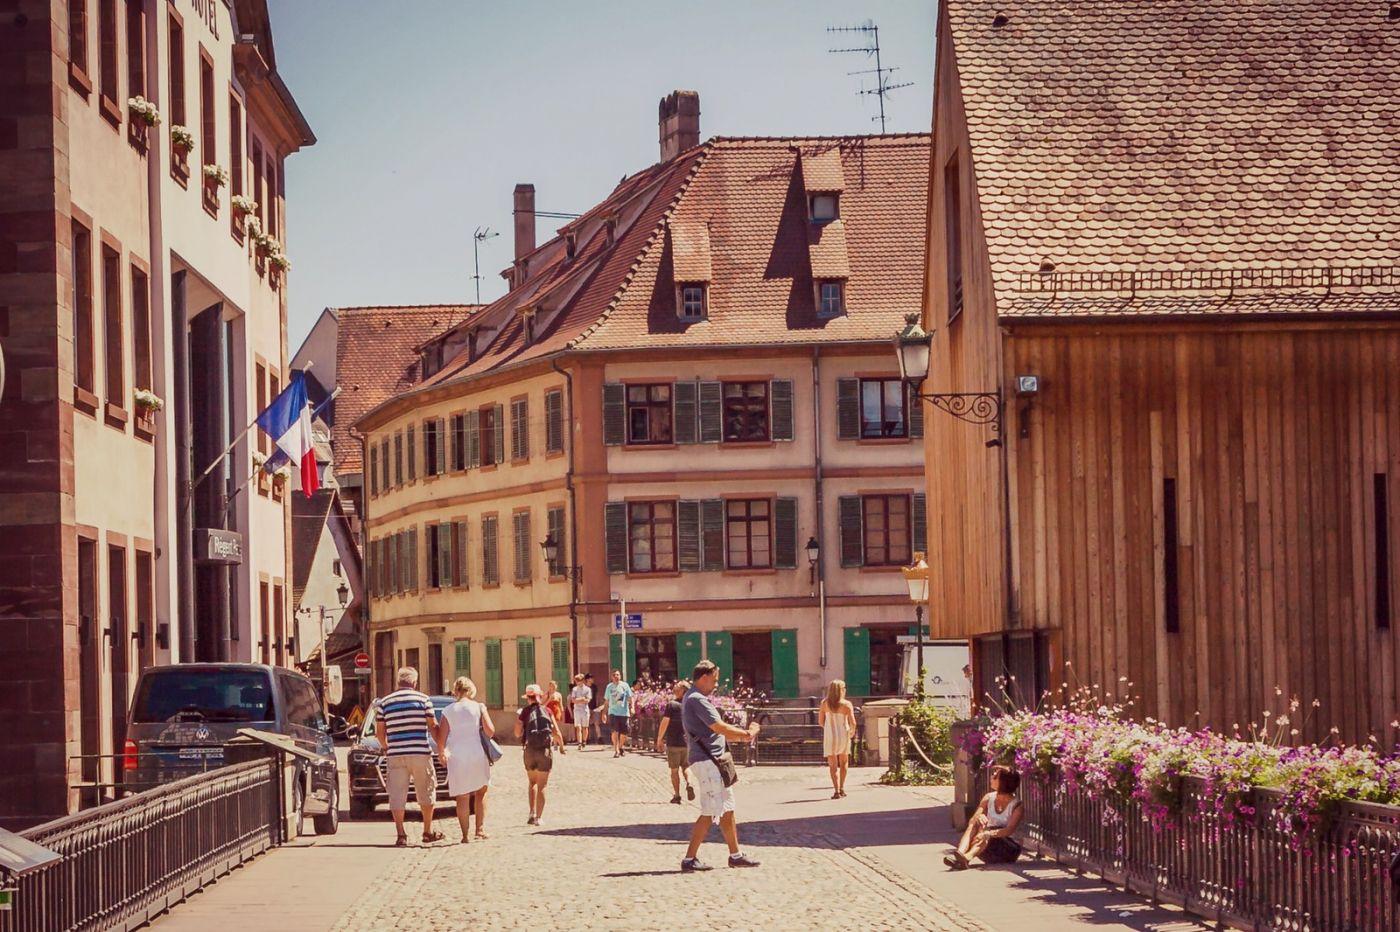 法国斯特拉斯堡(Strasbourg),边走边拍_图1-13